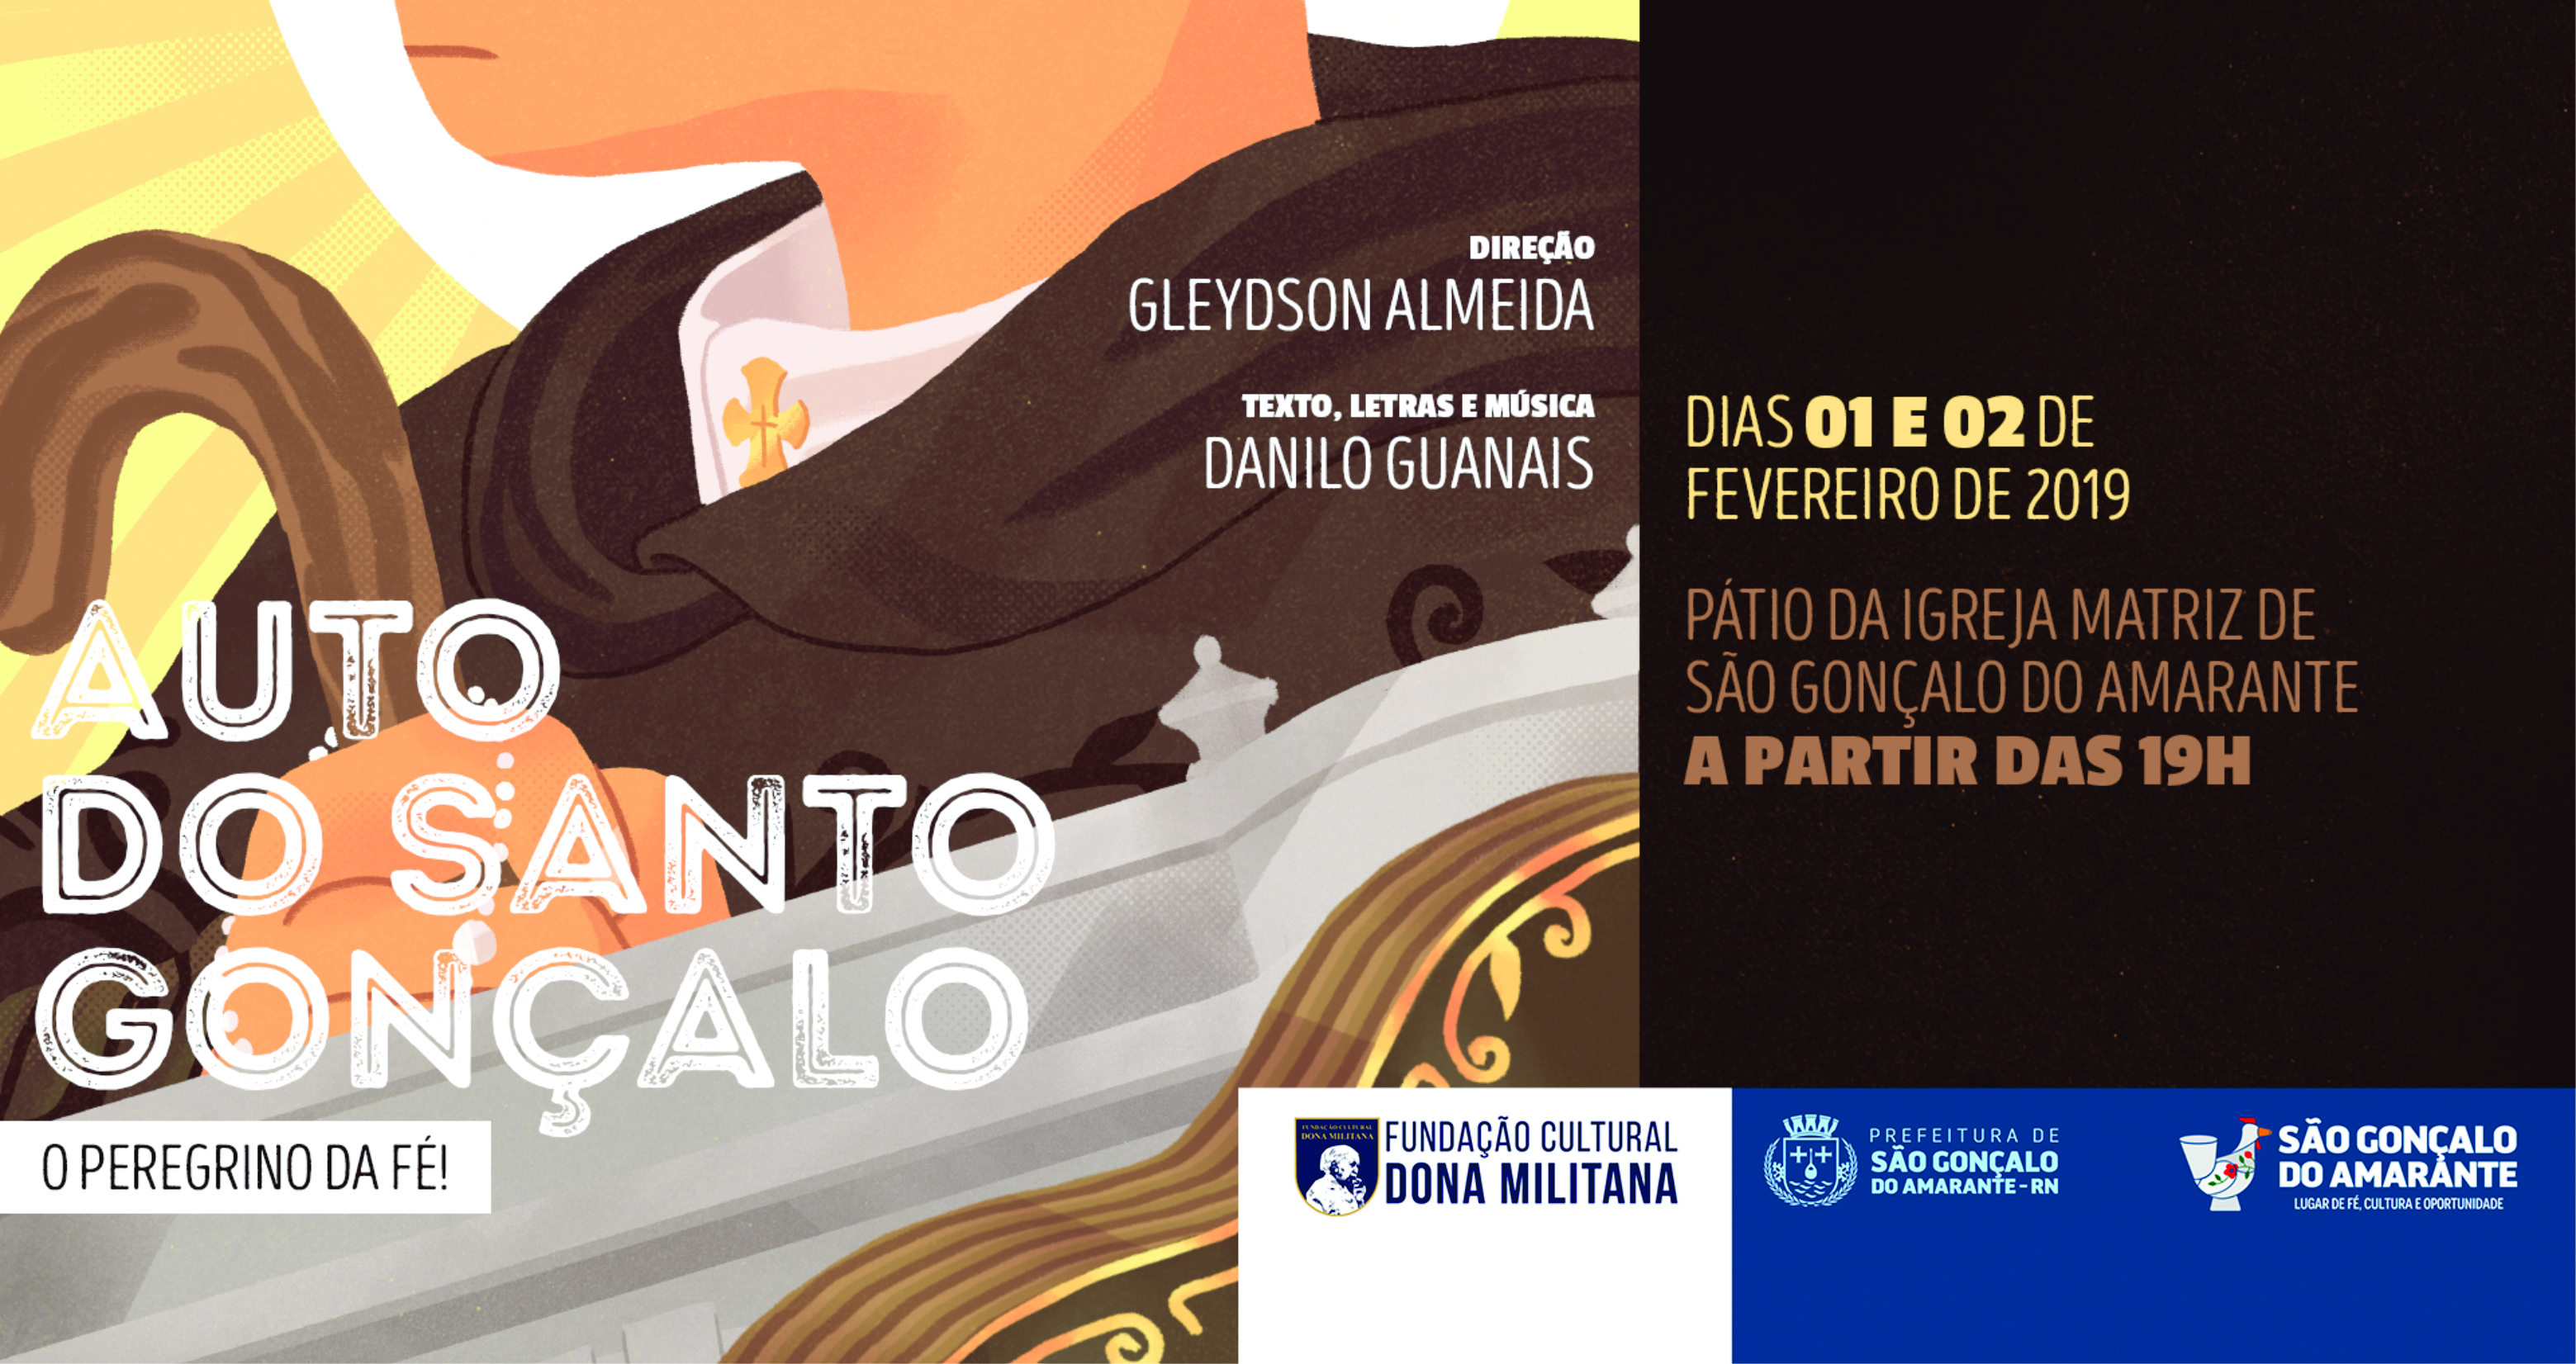 Prefeitura estreia Auto do Santo Gonçalo durante festejos culturais